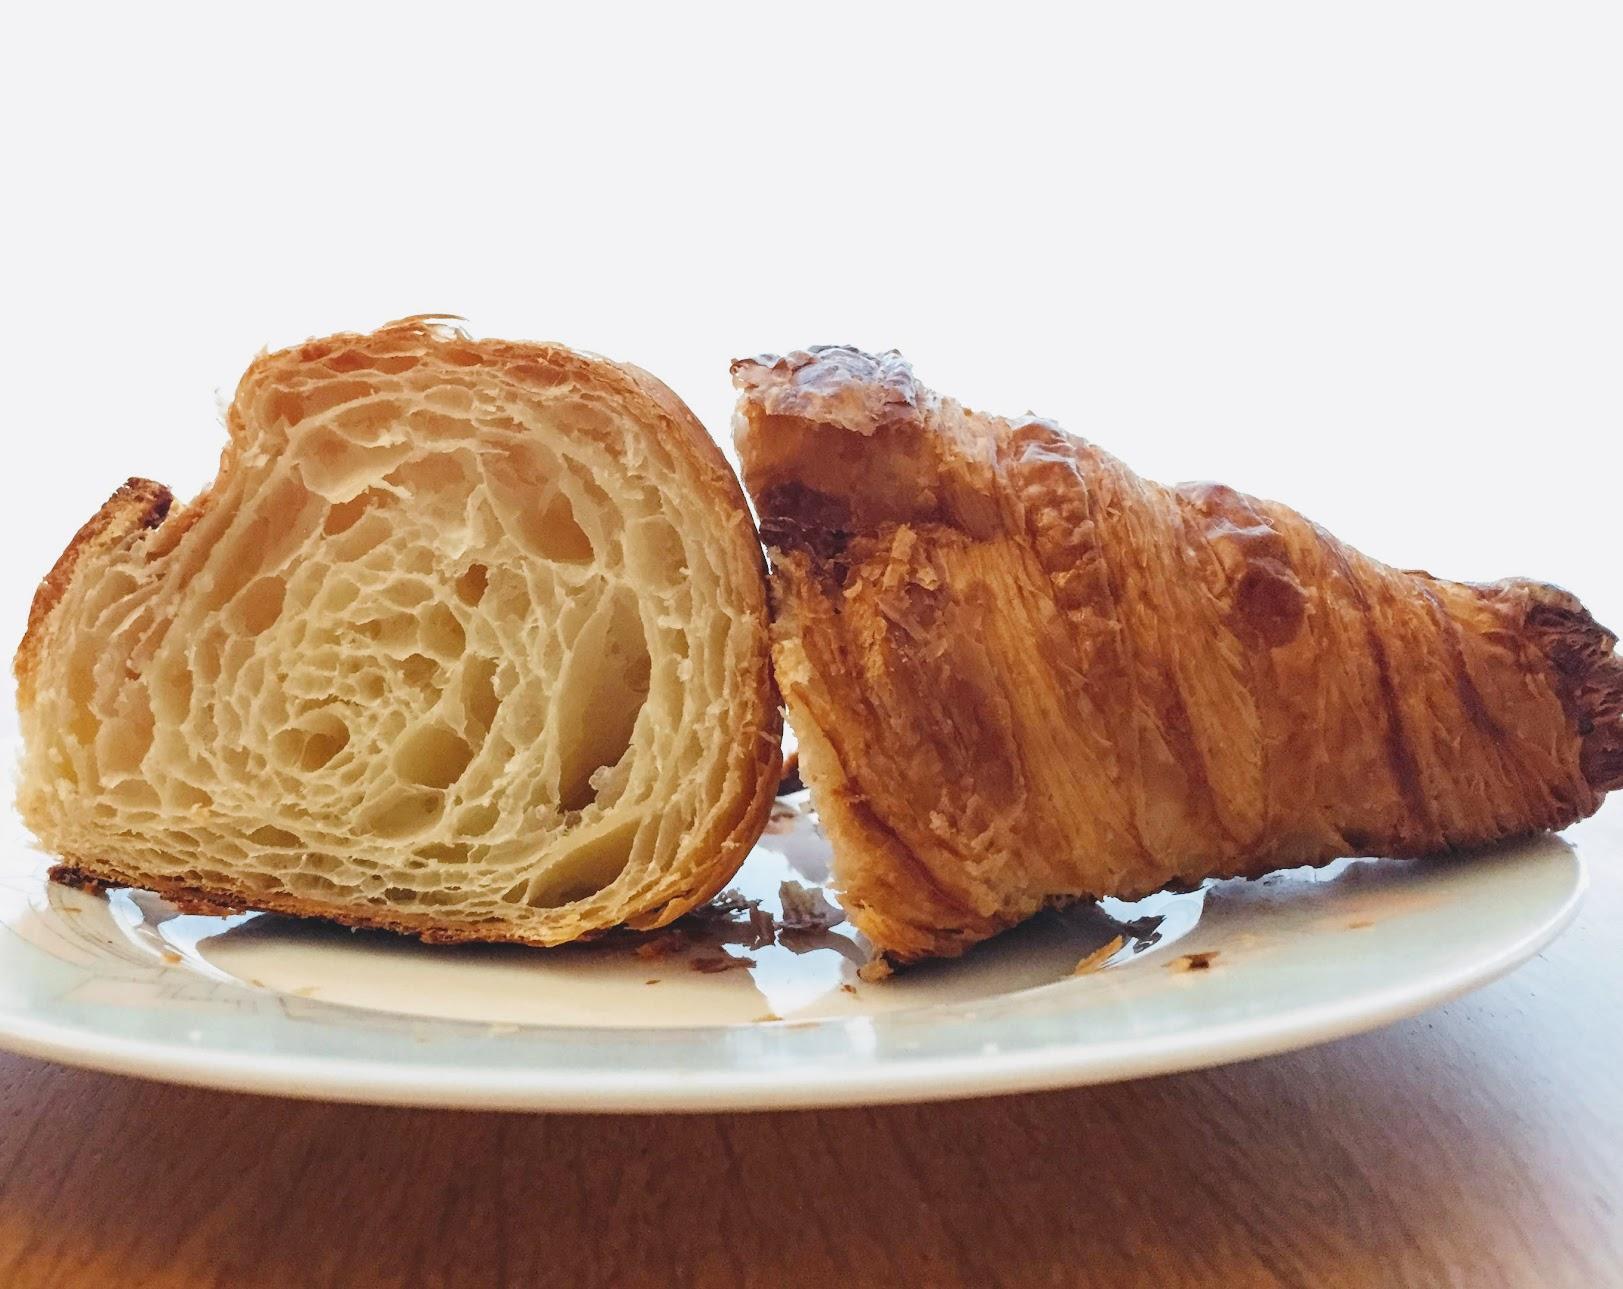 Des Gâteaux et du Painガトーエデュパンのクロワッサン